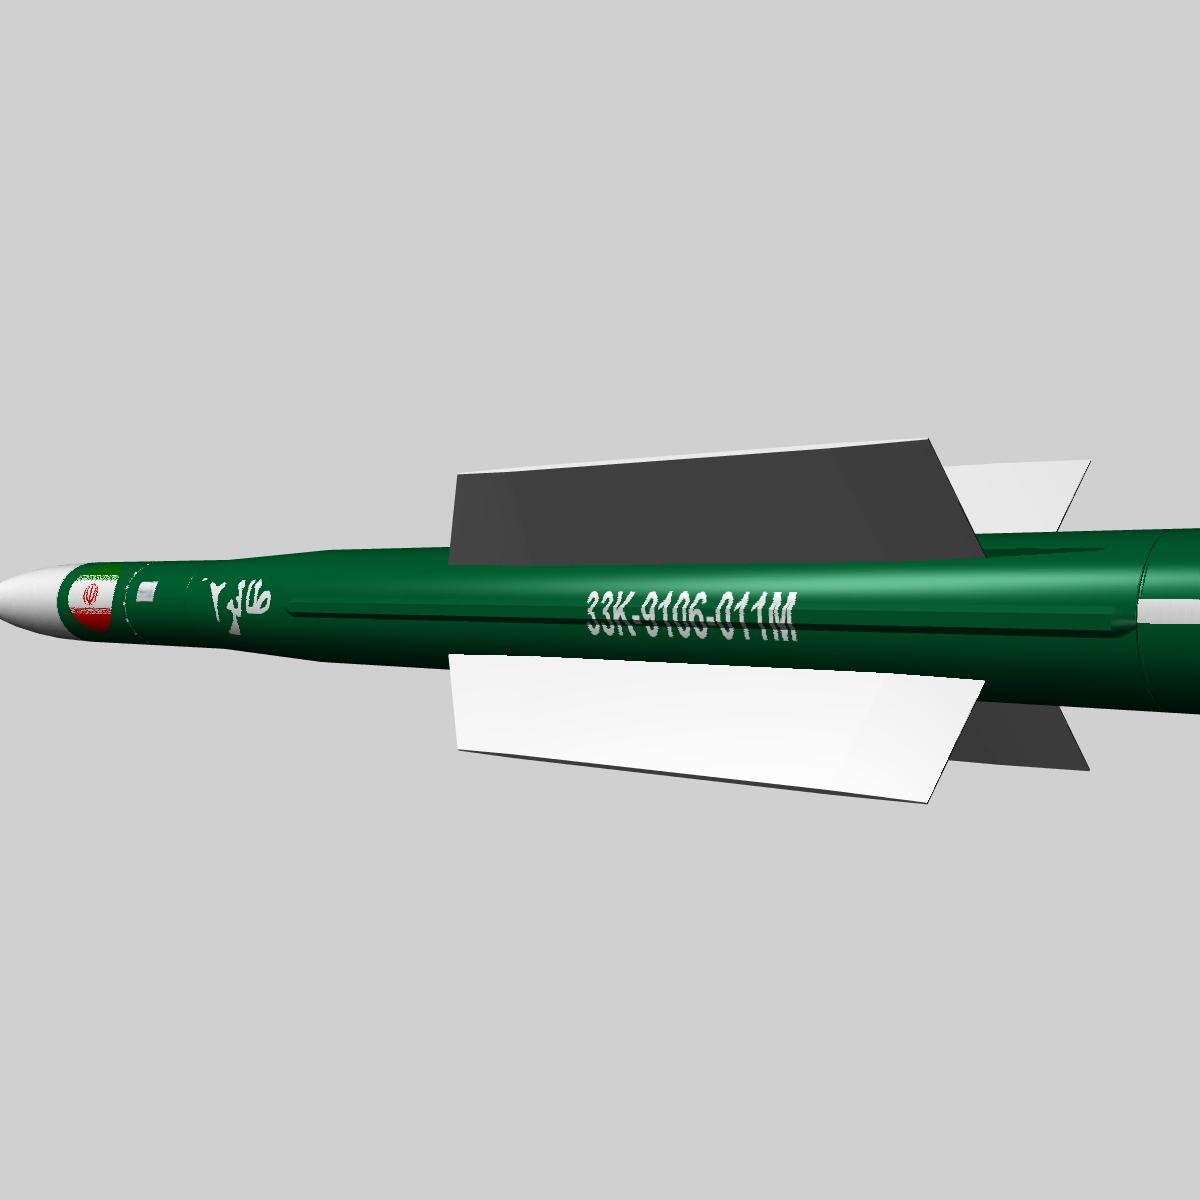 iranian taer-2 missile 3d model 3ds dxf x cod scn obj 149241